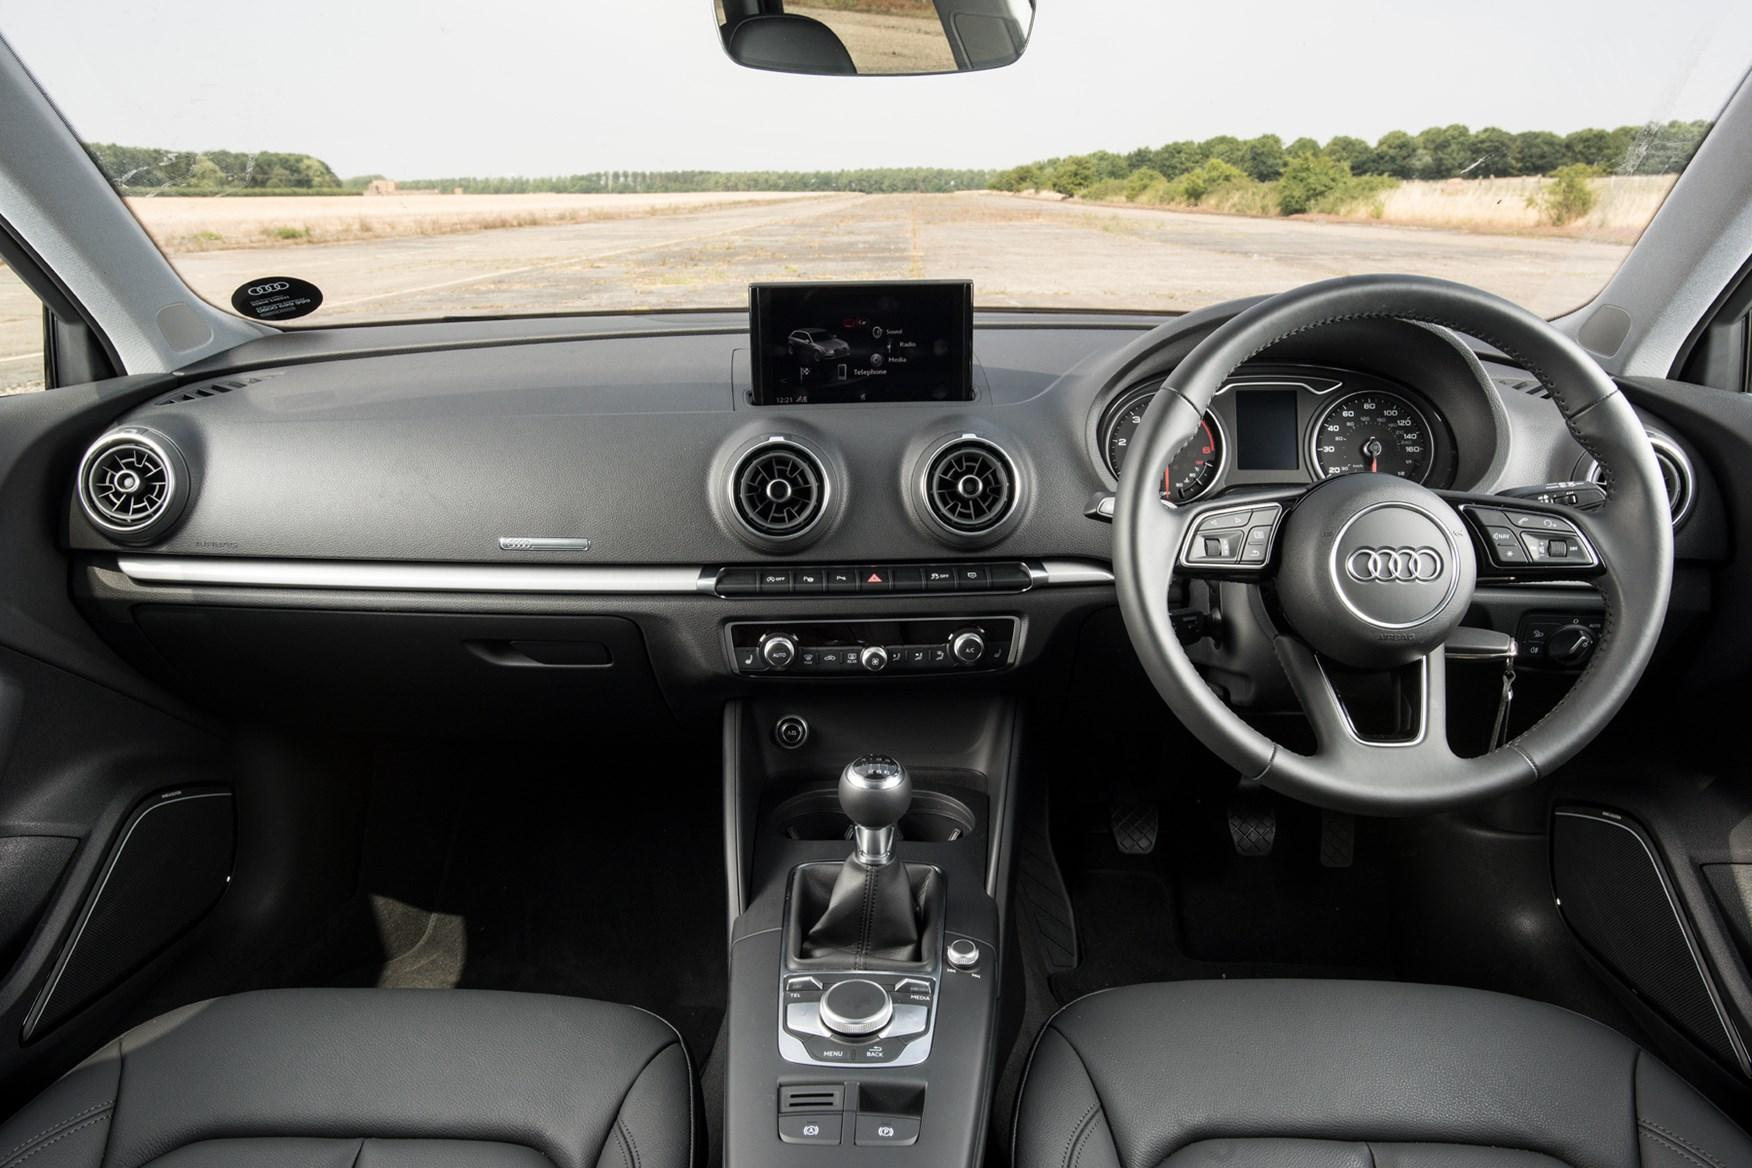 Kelebihan A3 Audi 2019 Top Model Tahun Ini